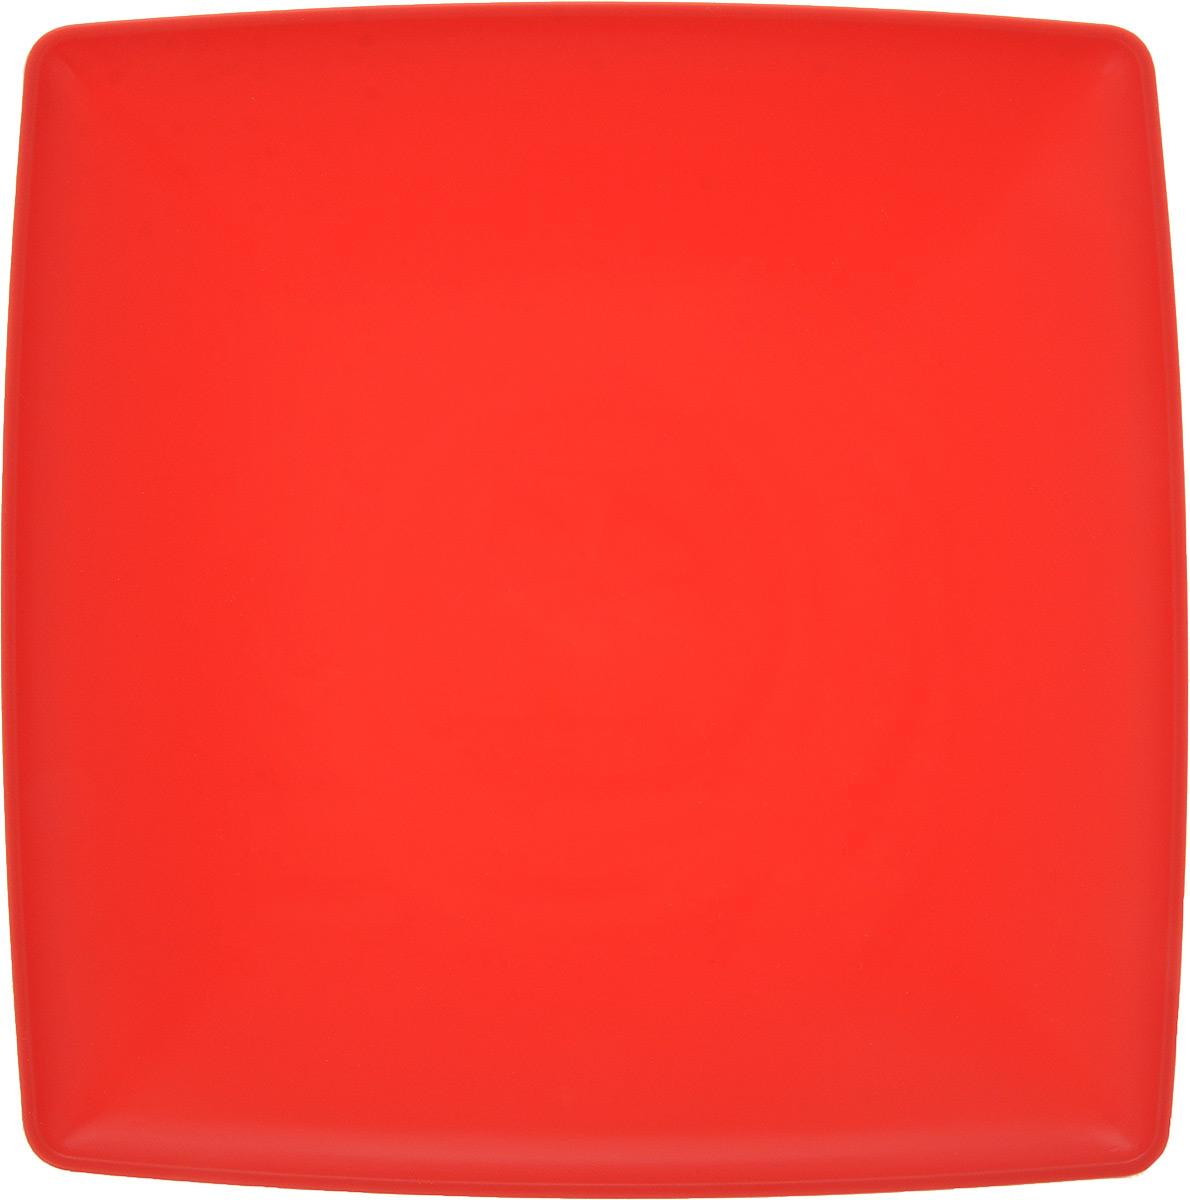 Тарелка Gotoff, цвет: красный, 19 х 19 см54 009312Квадратная тарелка Gotoff выполнена из прочного пищевого полипропилена. Изделие отлично подойдет как для холодных, так и для горячих блюд. Его удобно использовать дома или на даче, брать с собой на пикники и в поездки. Отличный вариант для детских праздников. Такая тарелка не разобьется и будет служить вам долгое время.Можно использовать в СВЧ, ставить в морозилку при температуре -25°С и мыть в посудомоечной машине при температуре +95°С.